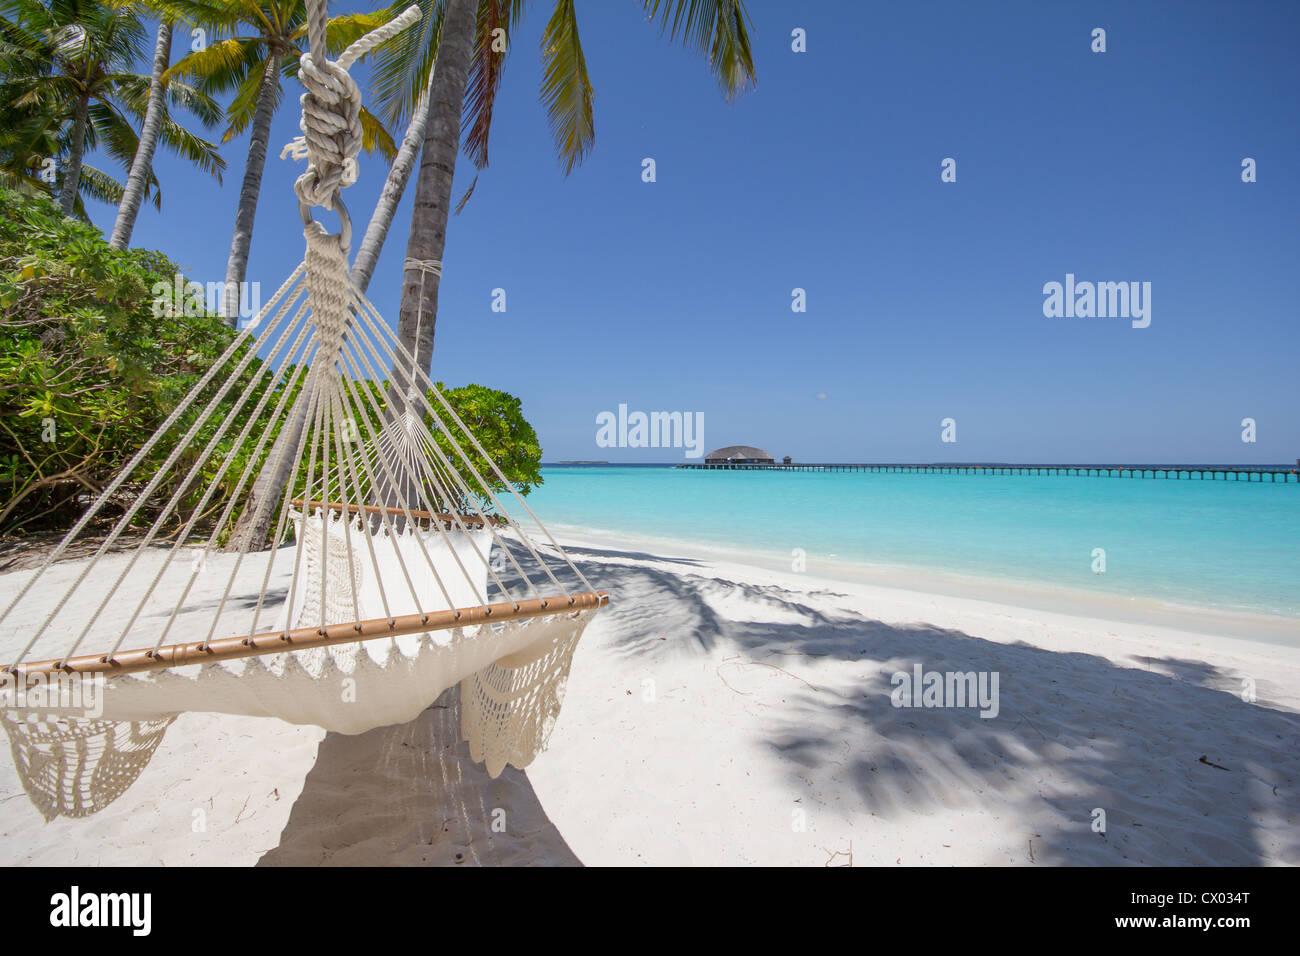 Hammock at the beach - Maldives - Stock Image